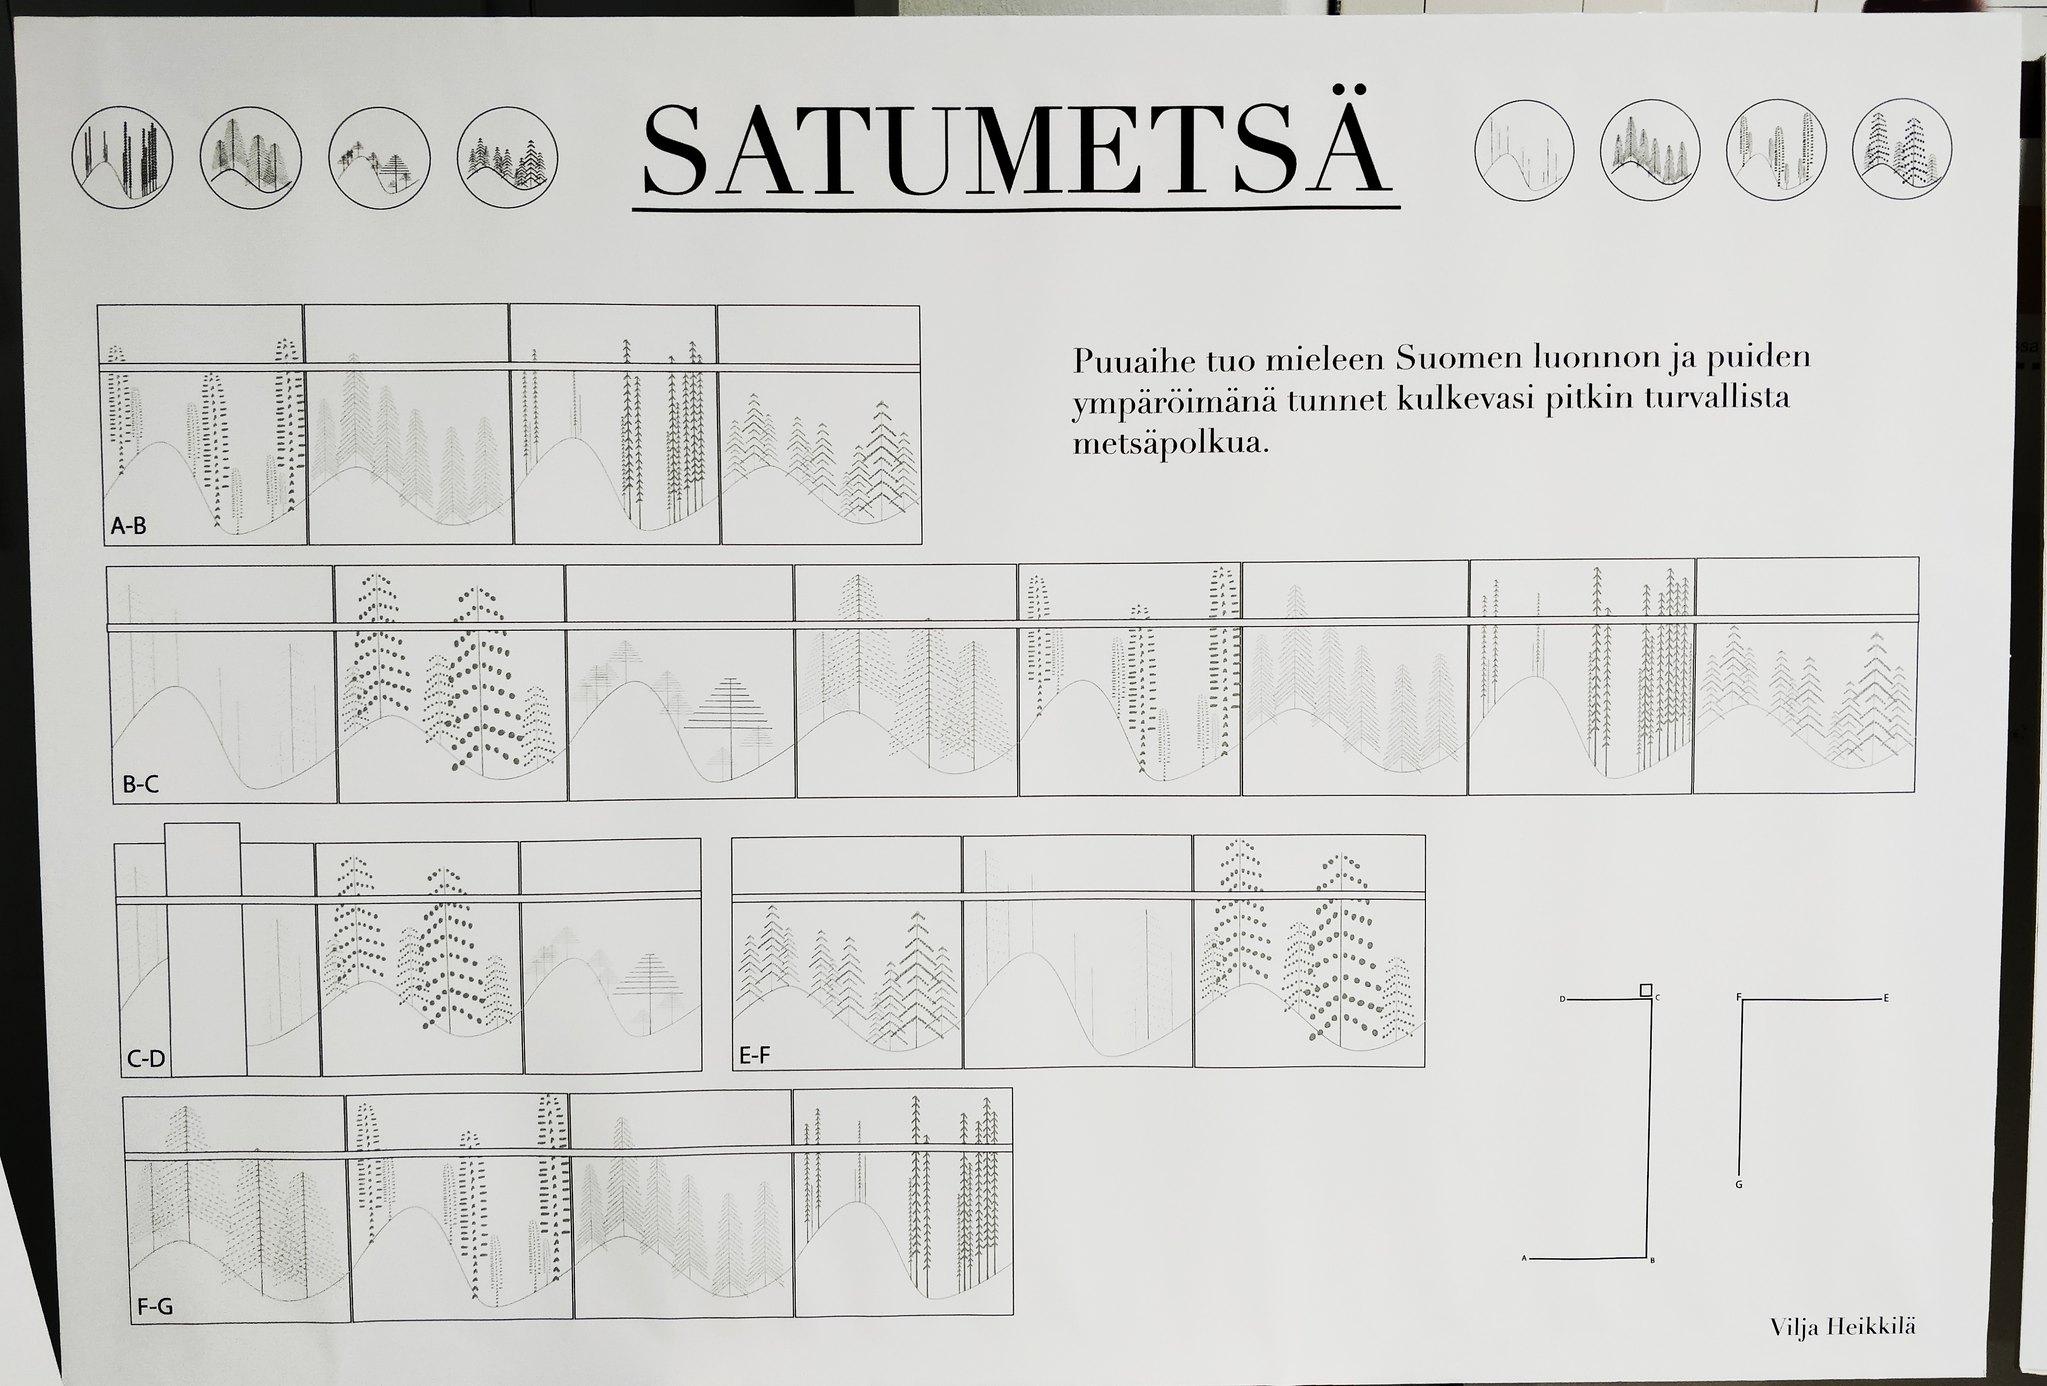 satumetsa_planssi